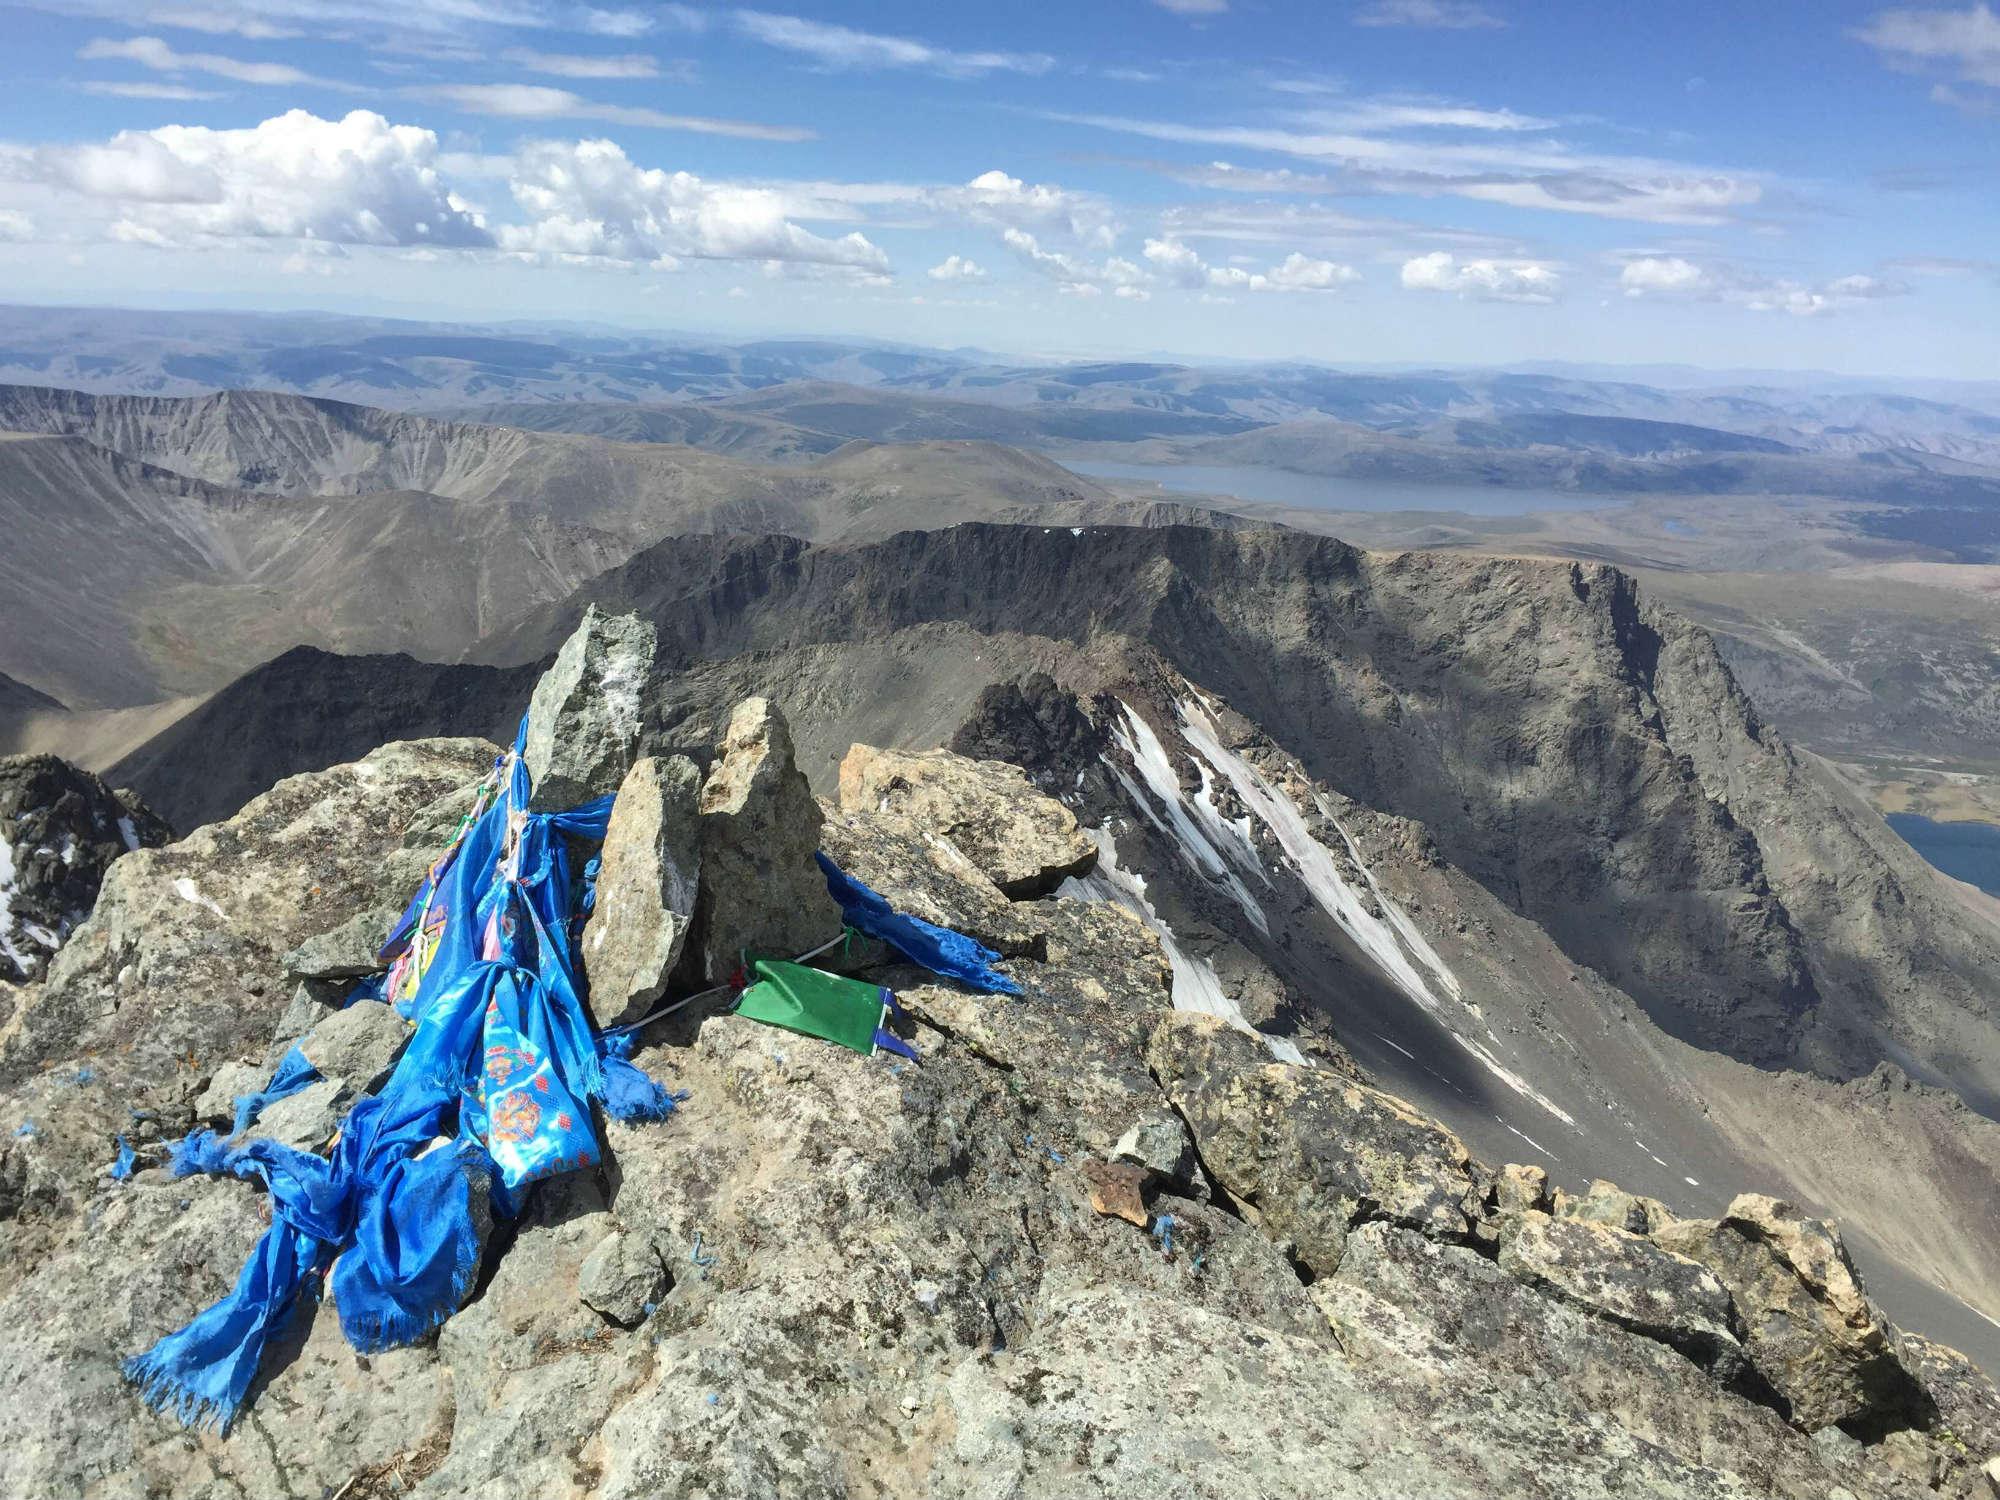 モンゴル/オトゴンテンゲル登頂8日間